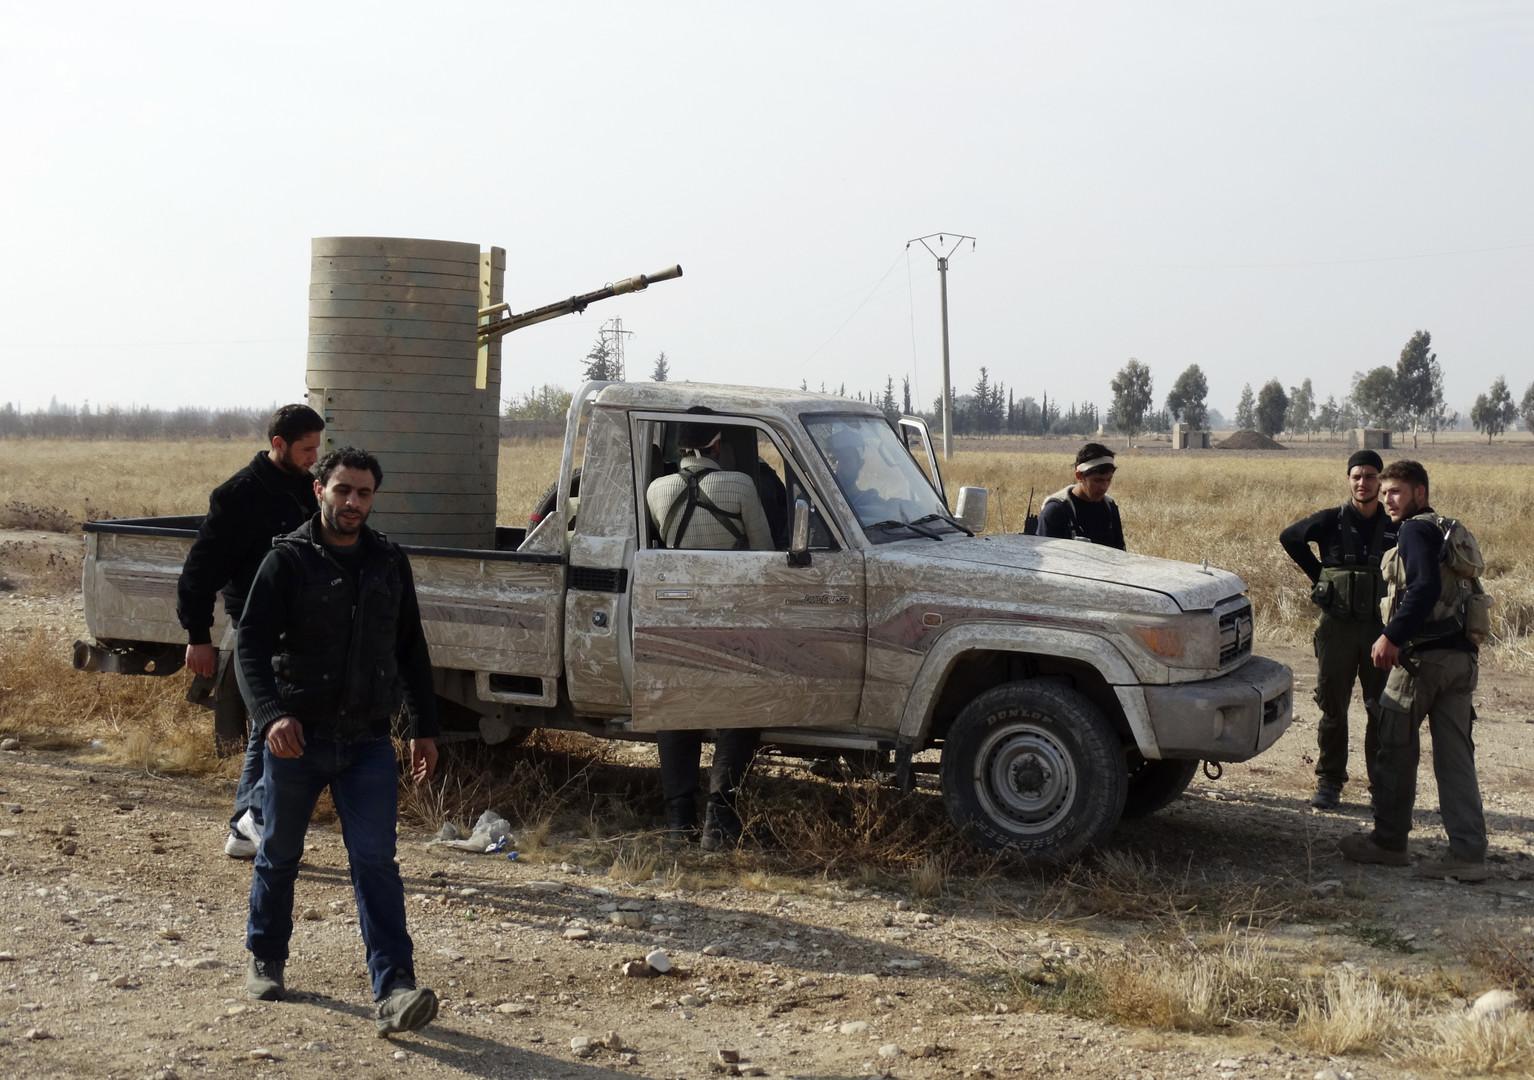 """فضيحة سياسية في هولندا..تقرير إعلامي: الحكومة قدمت دعما لتنظيمات """"إرهابية"""" في سوريا"""